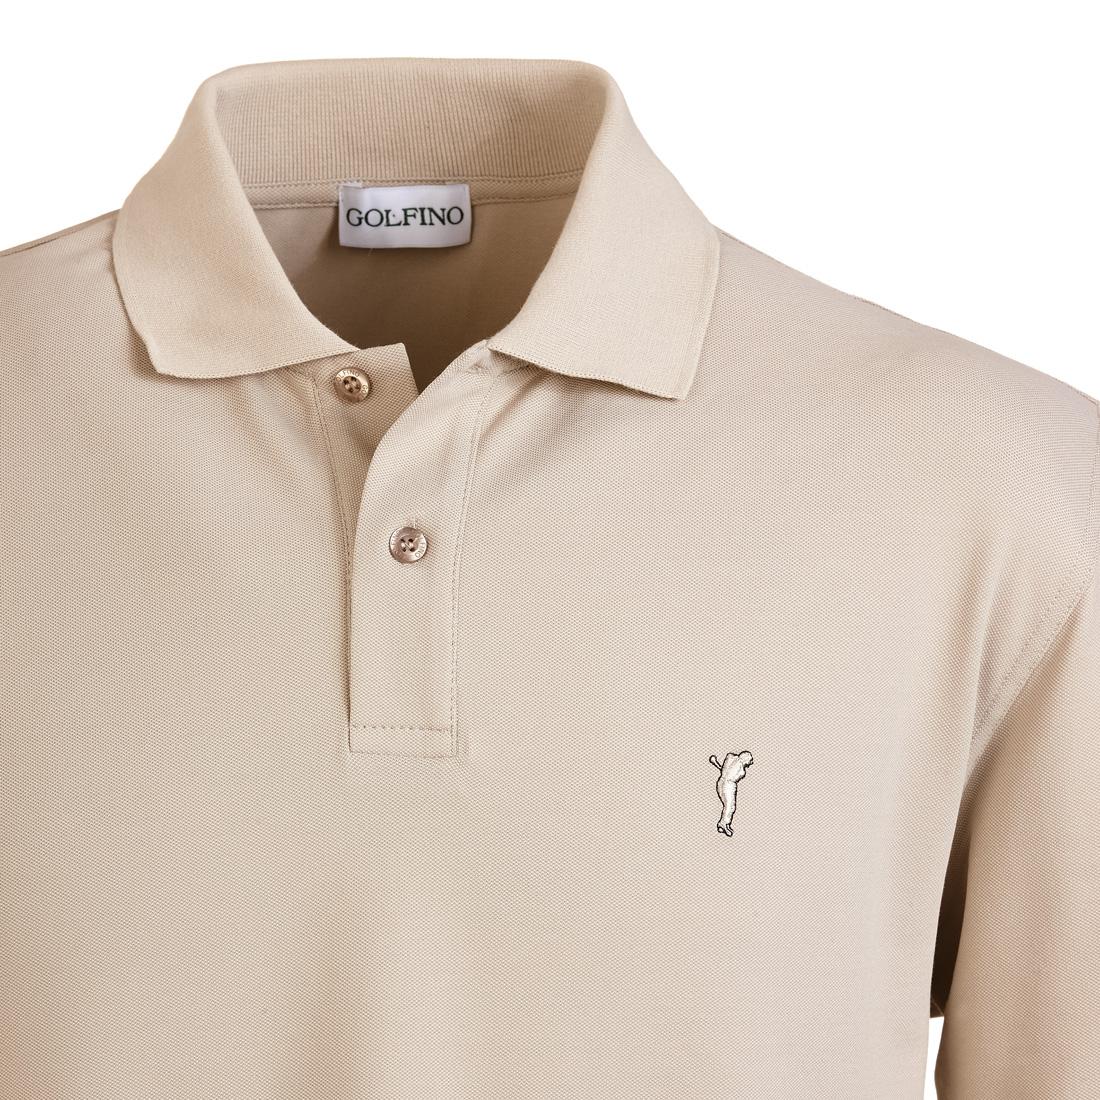 Langarm Poloshirt mit Sonnenschutz